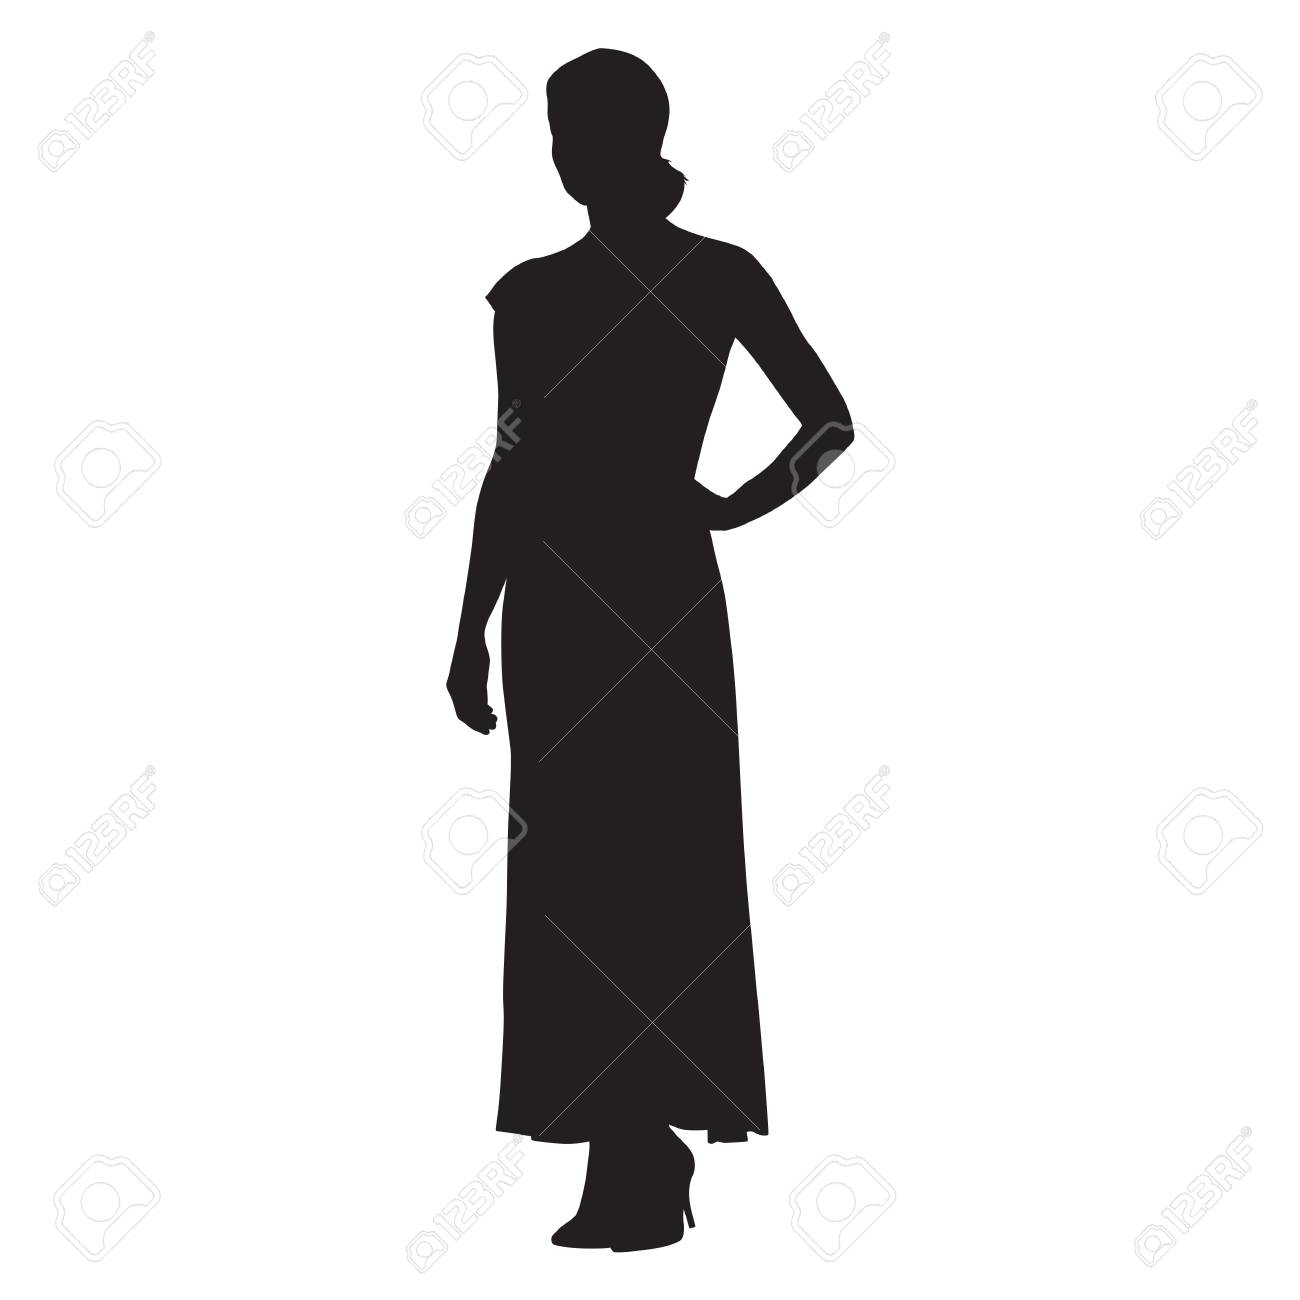 Silueta de mujer con vestido largo